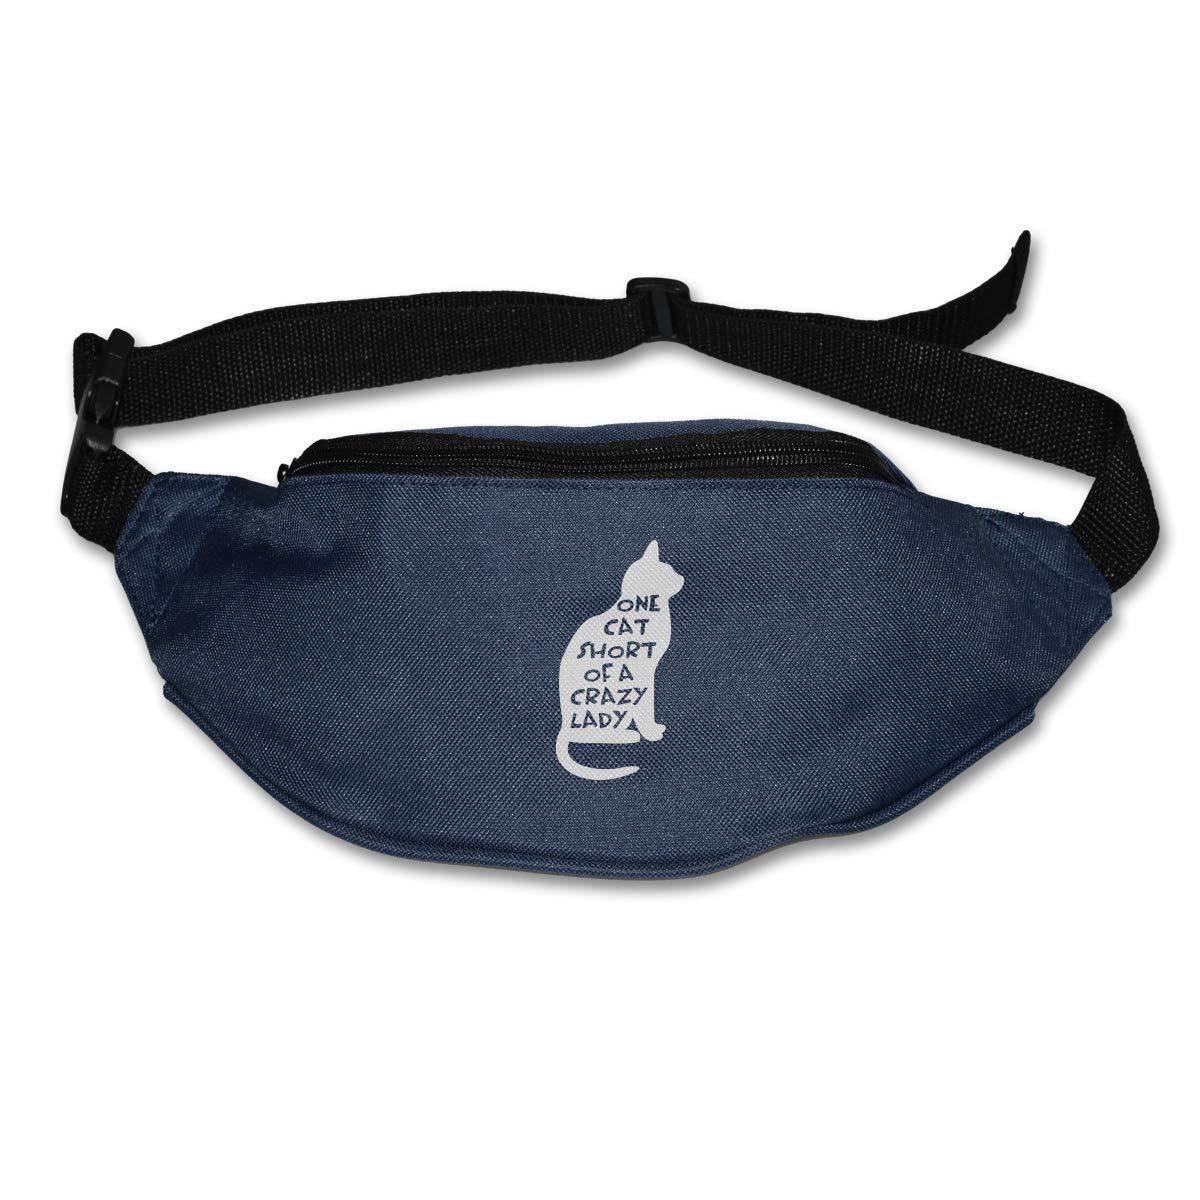 Waist Purse ONE CAT Short of Crazy Unisex Outdoor Sports Pouch Fitness Runners Waist Bags